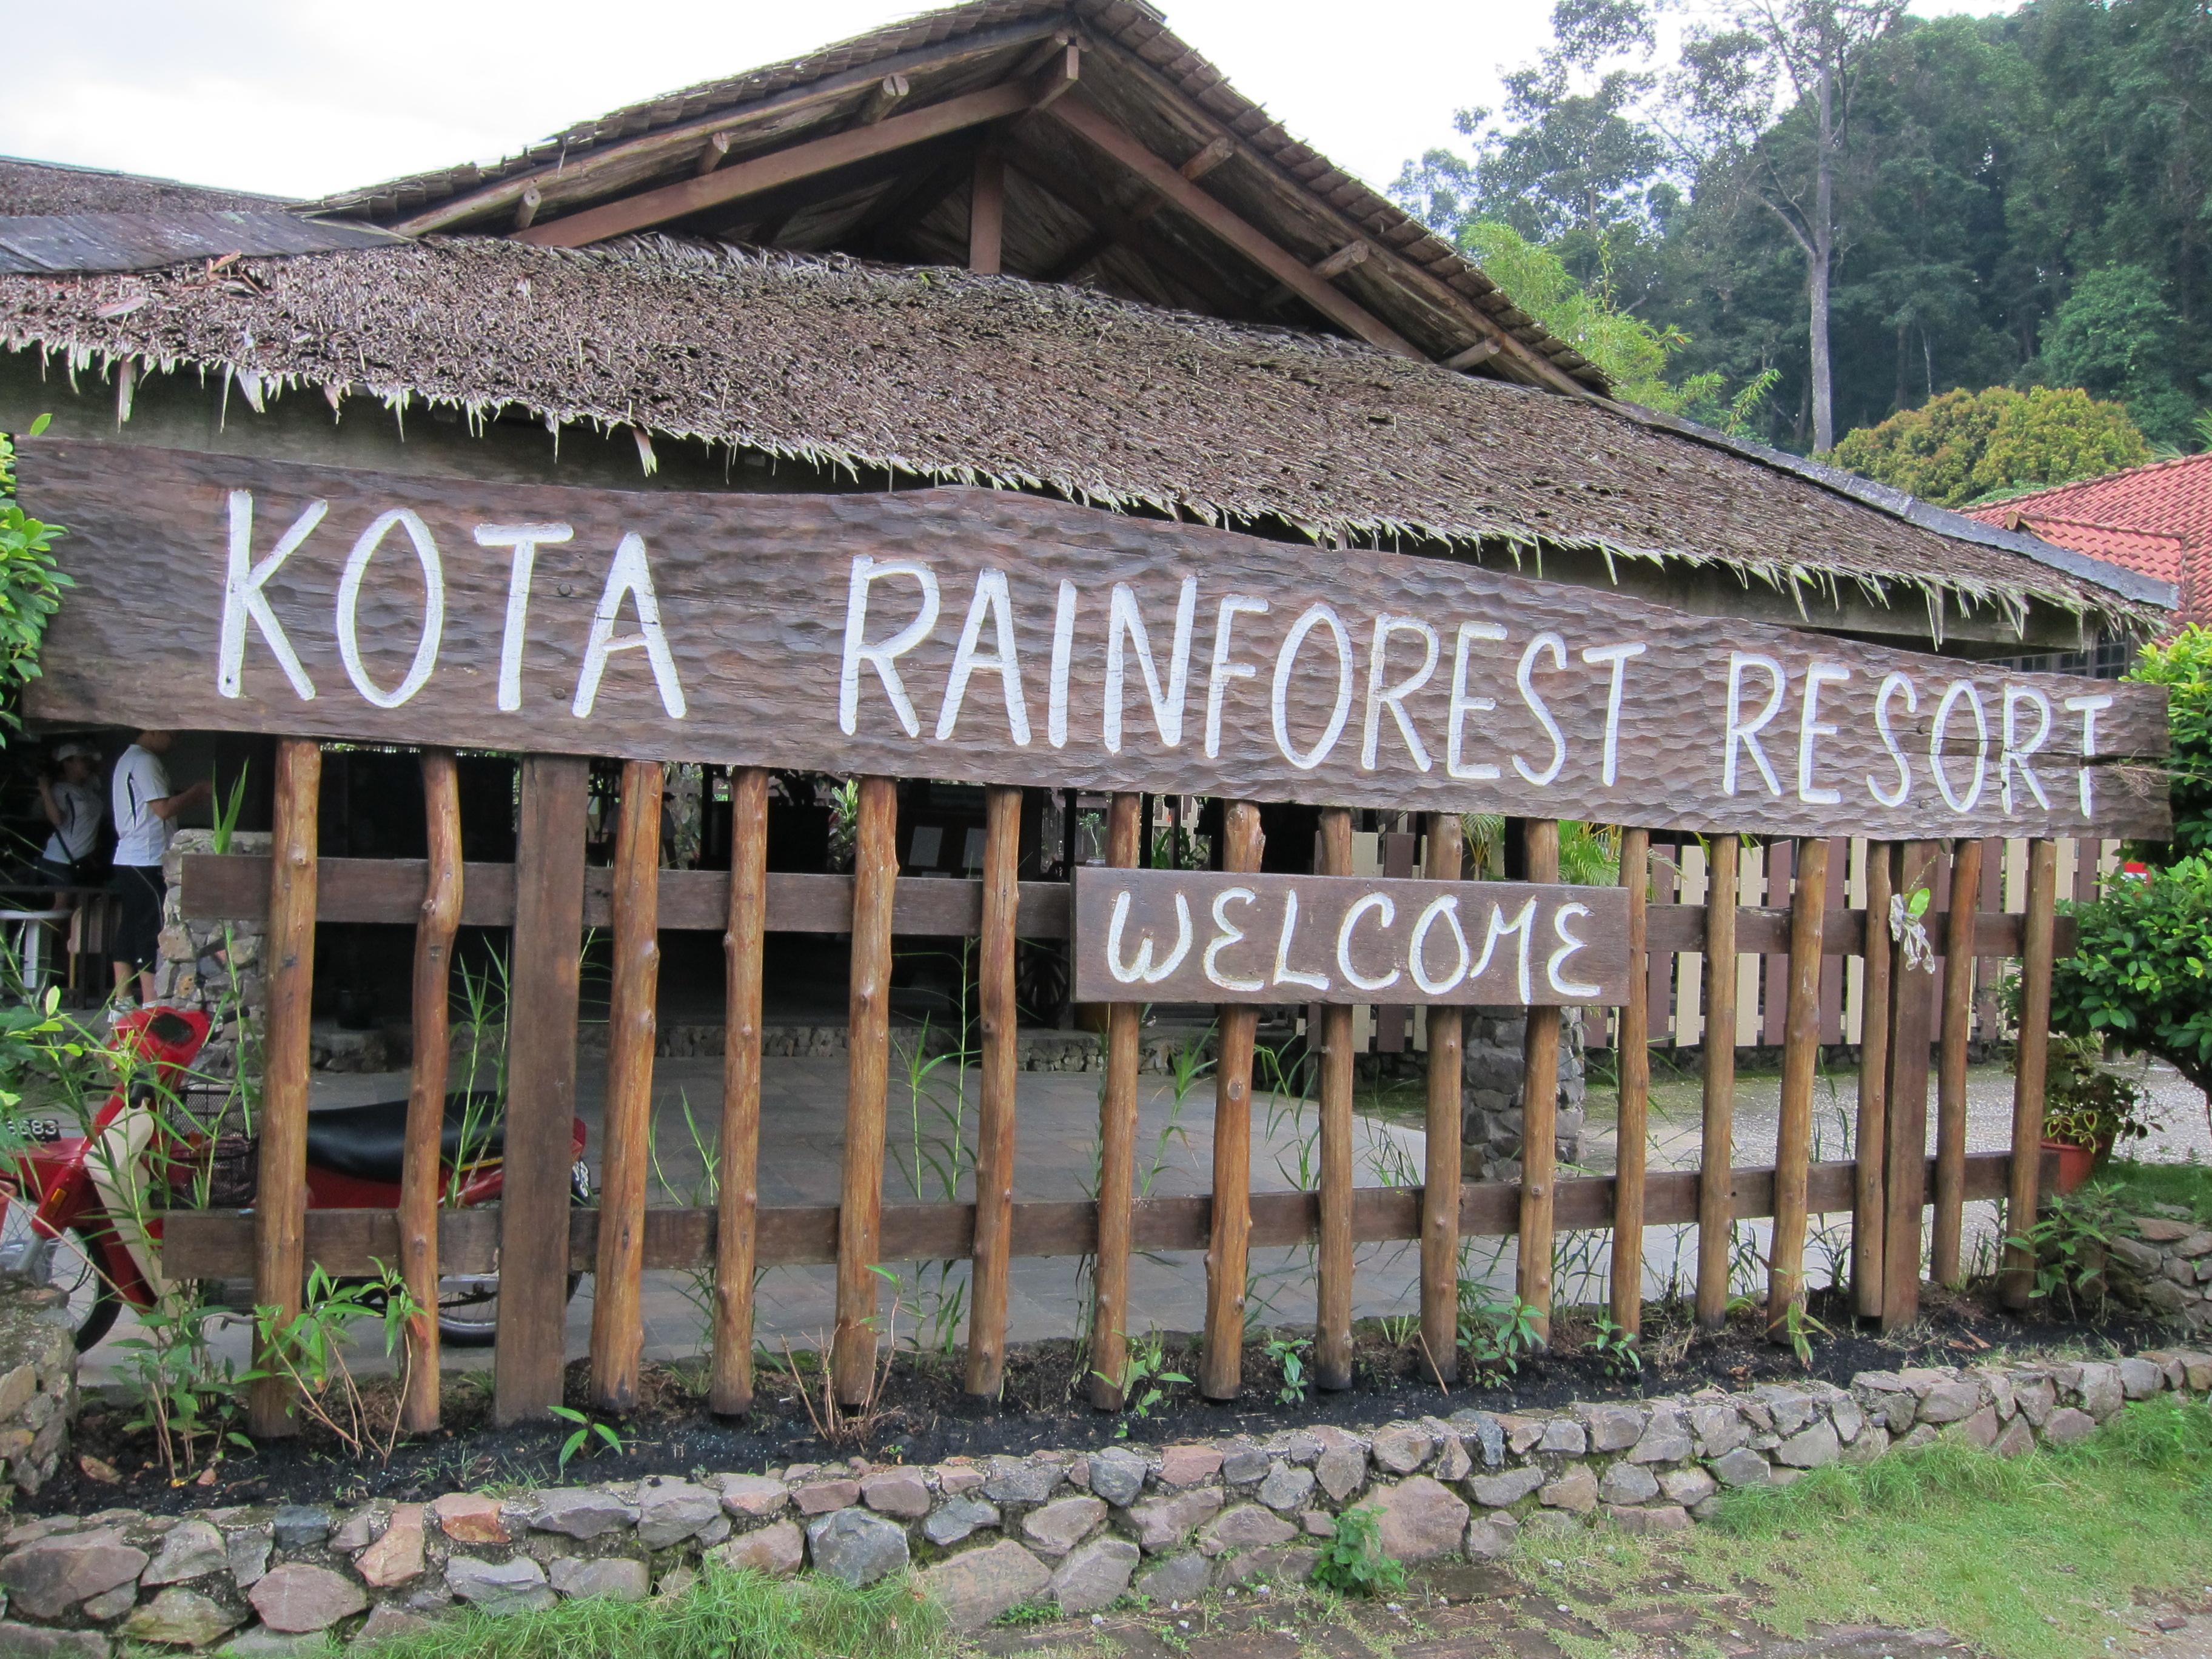 Kota Rainforest Resort